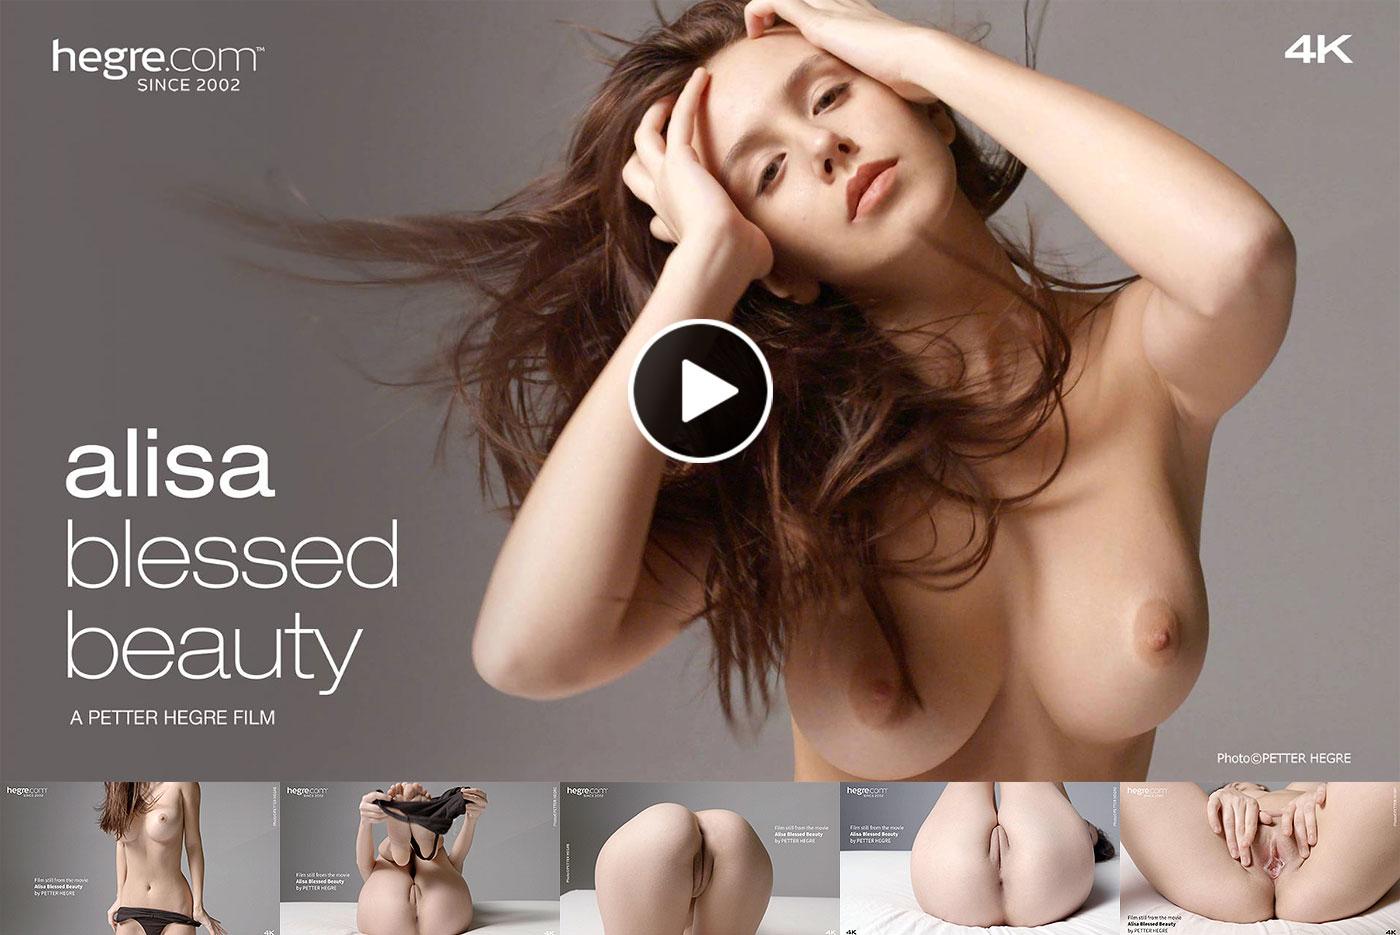 Regarder un film erotique